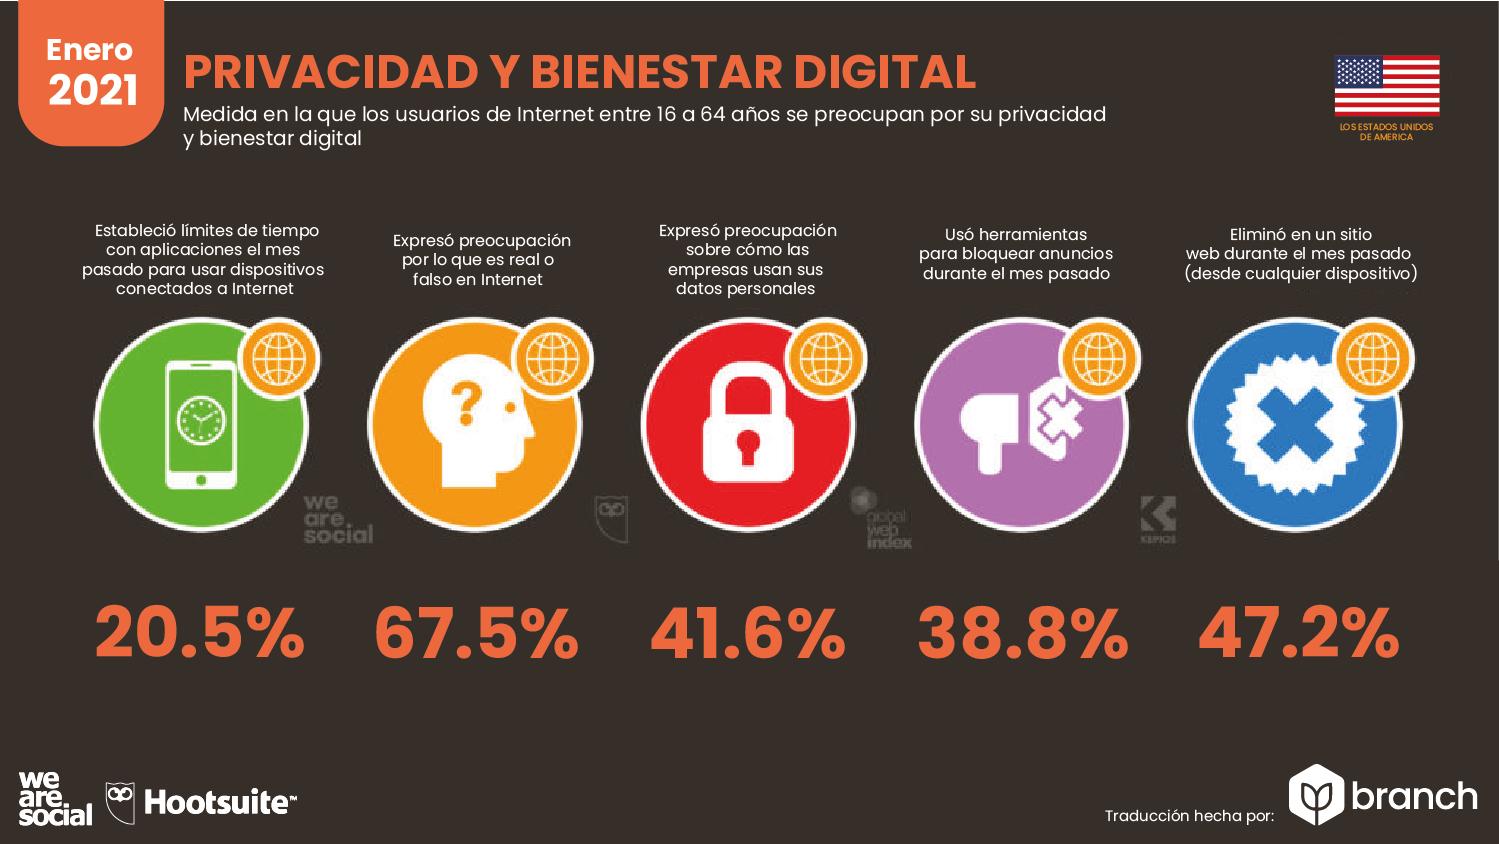 privacidad-y-bienestar-digital-usa-2020-2021